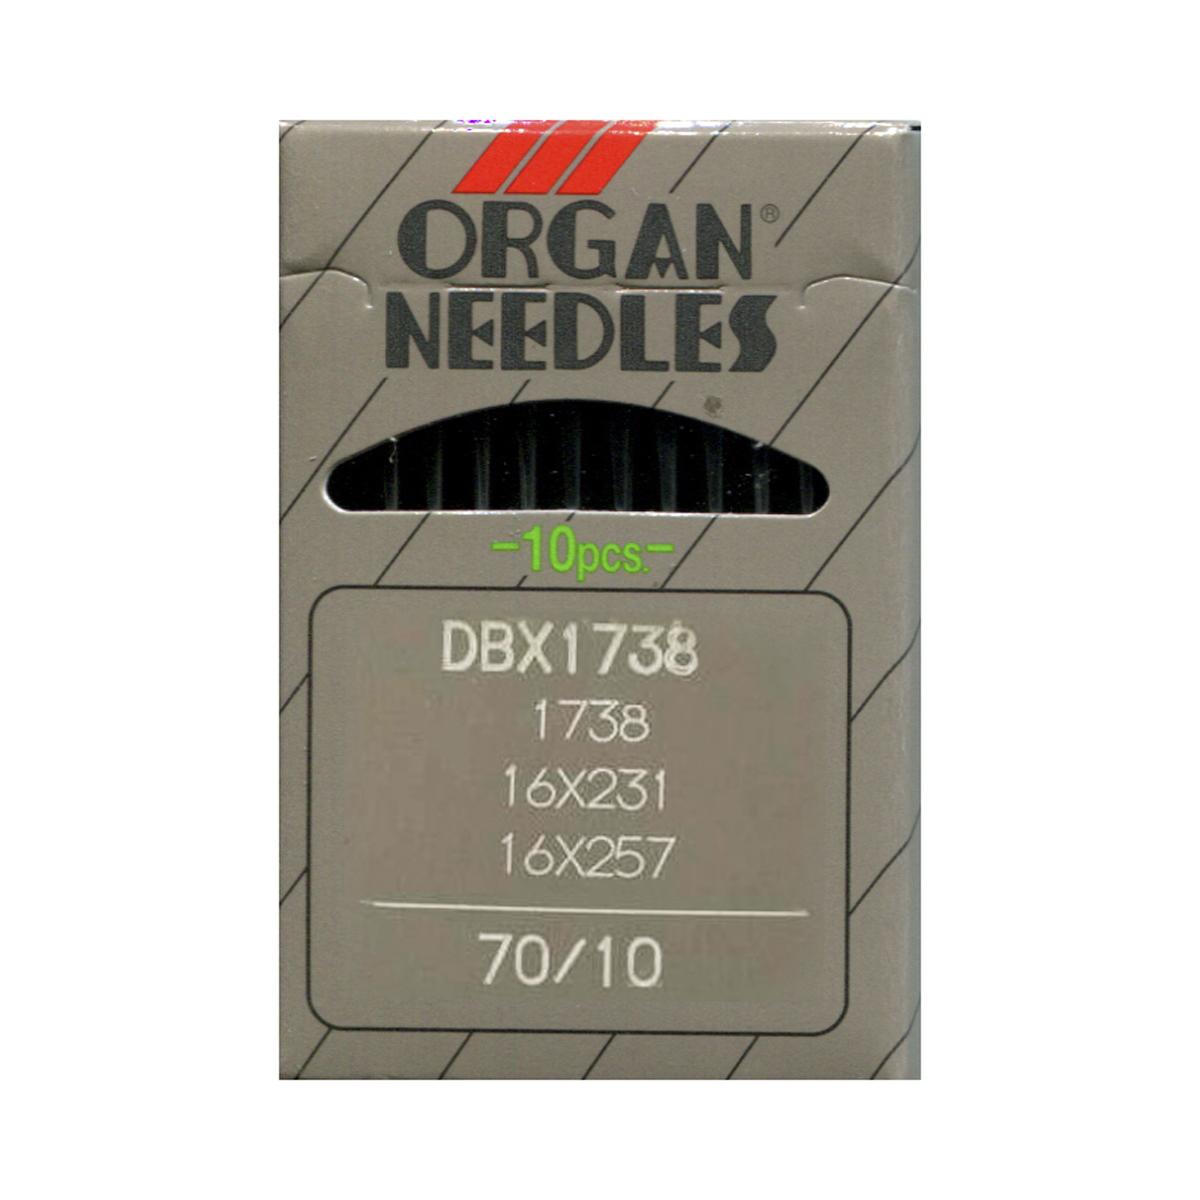 Иглы для промышленных швейных машин Organ, DBx1/70, 10 шт162269Иглы для промышленных швейных машин Organ с маркировкой DBx1 предназначены для прямострочных швейных машин. Иглы используются для пошива всех видов тканей. Острие игл тонкое, стандартное. Предназначены для машин цепного стежка 10Б, 53, 810 классов и импортных аналогов. В промышленных машинах используются иглы с круглыми колбами, в отличие от игл бытовых машин, у которых колбы плоские. Круглая колба позволяет при наладке машины и установке иглы поворачивать (вращать) иглу, закрепляя ее в нужном положении. Диаметр колбы: 1,64 мм. Длина иглы: 33,9 мм. Номер игл: 70.